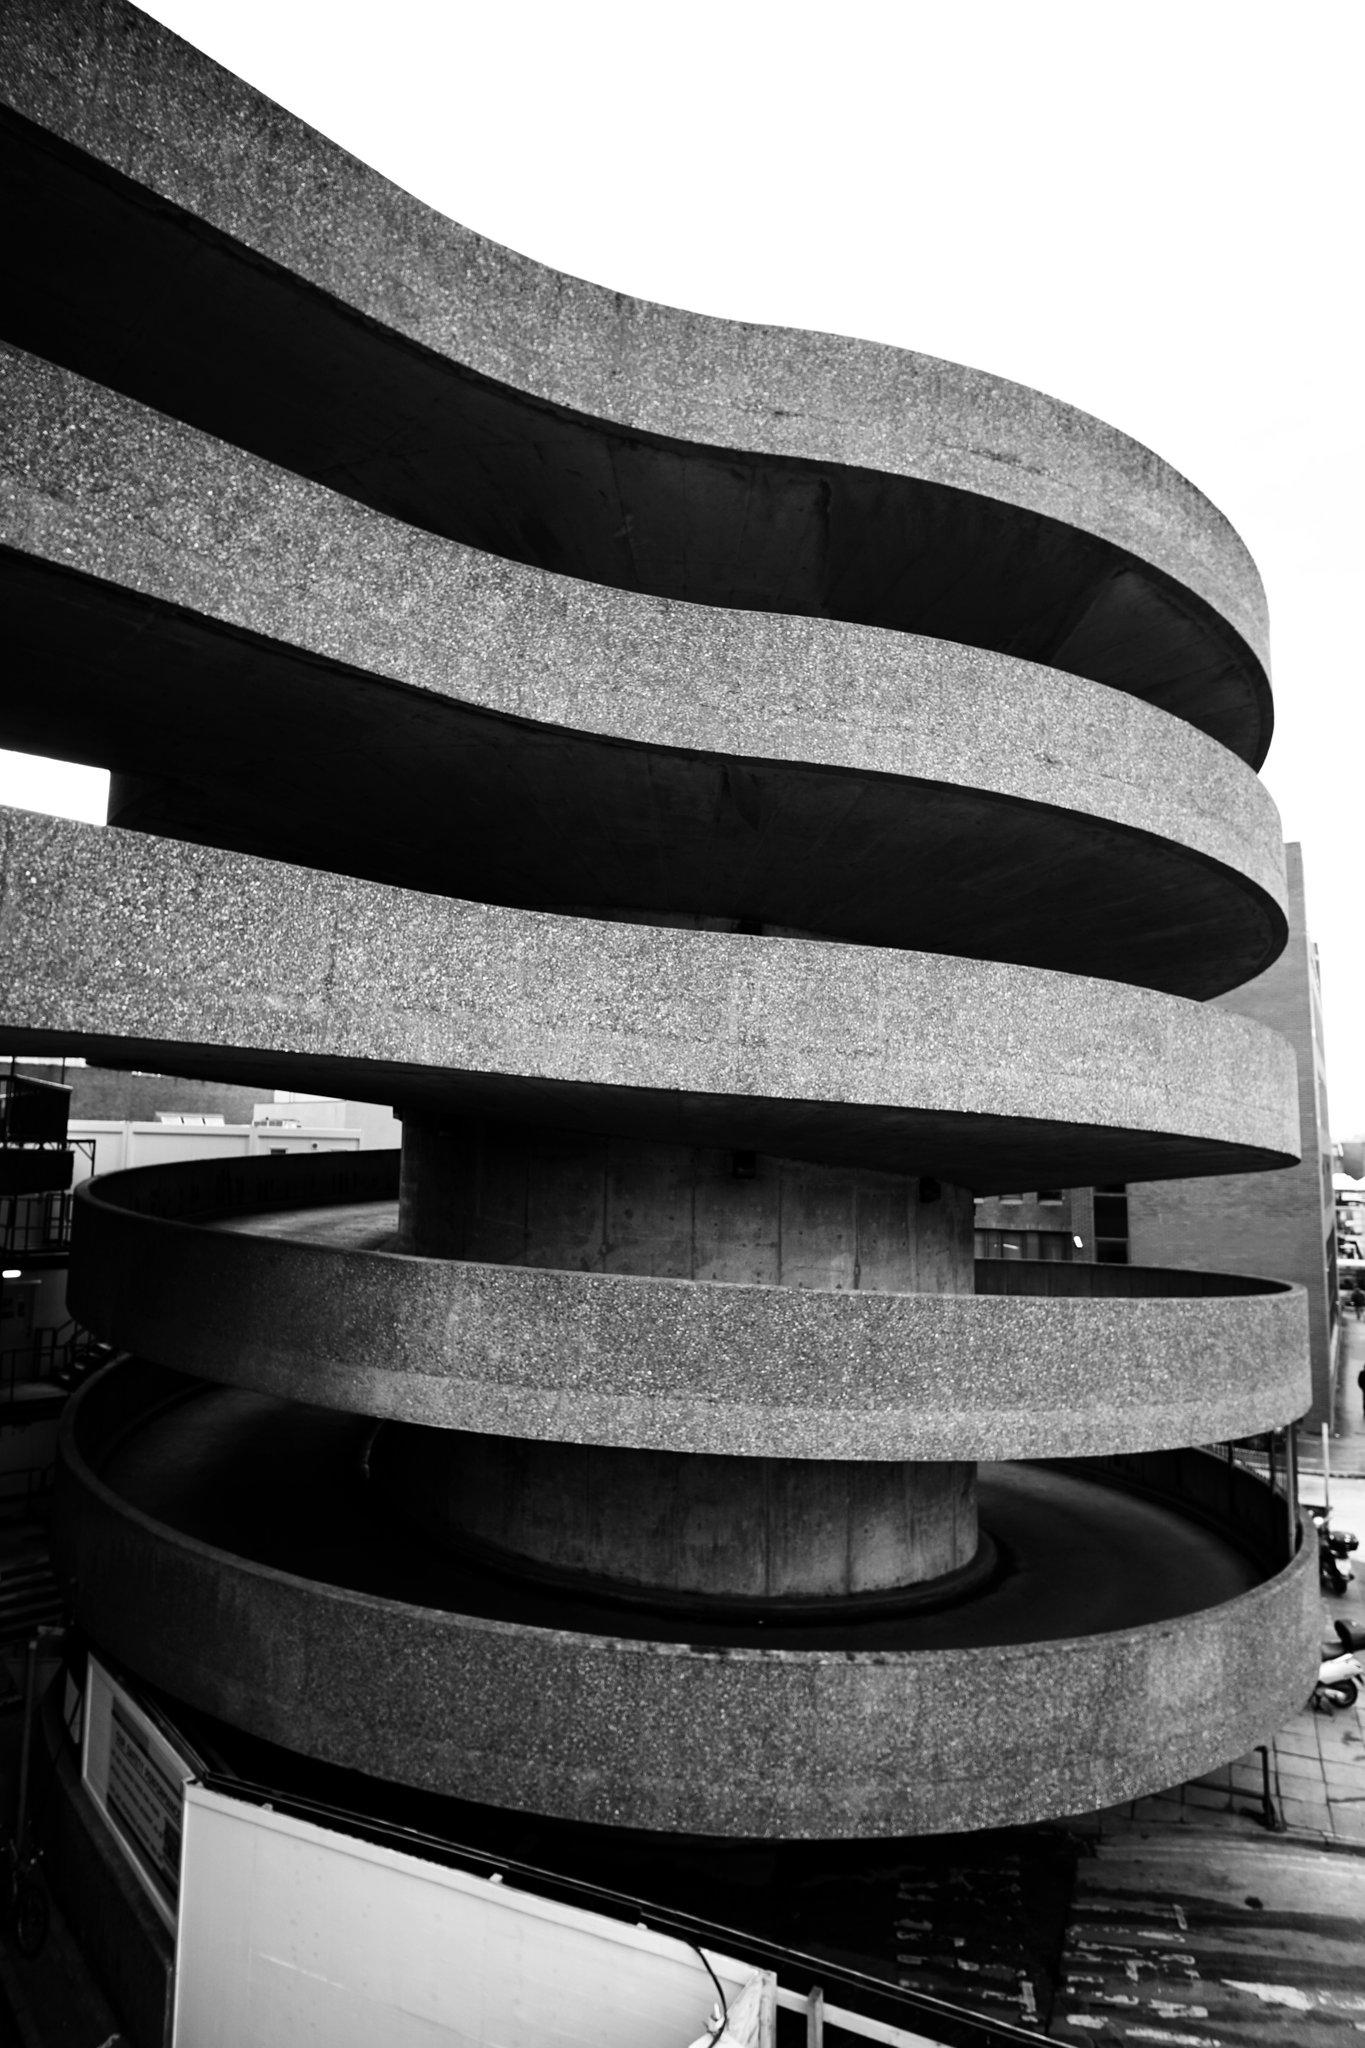 a #brutalist helter-skelter. palace #carpark, #watford. a #concrete spiral. @BrutalHouse https://t.co/6VSDdl9Rqa